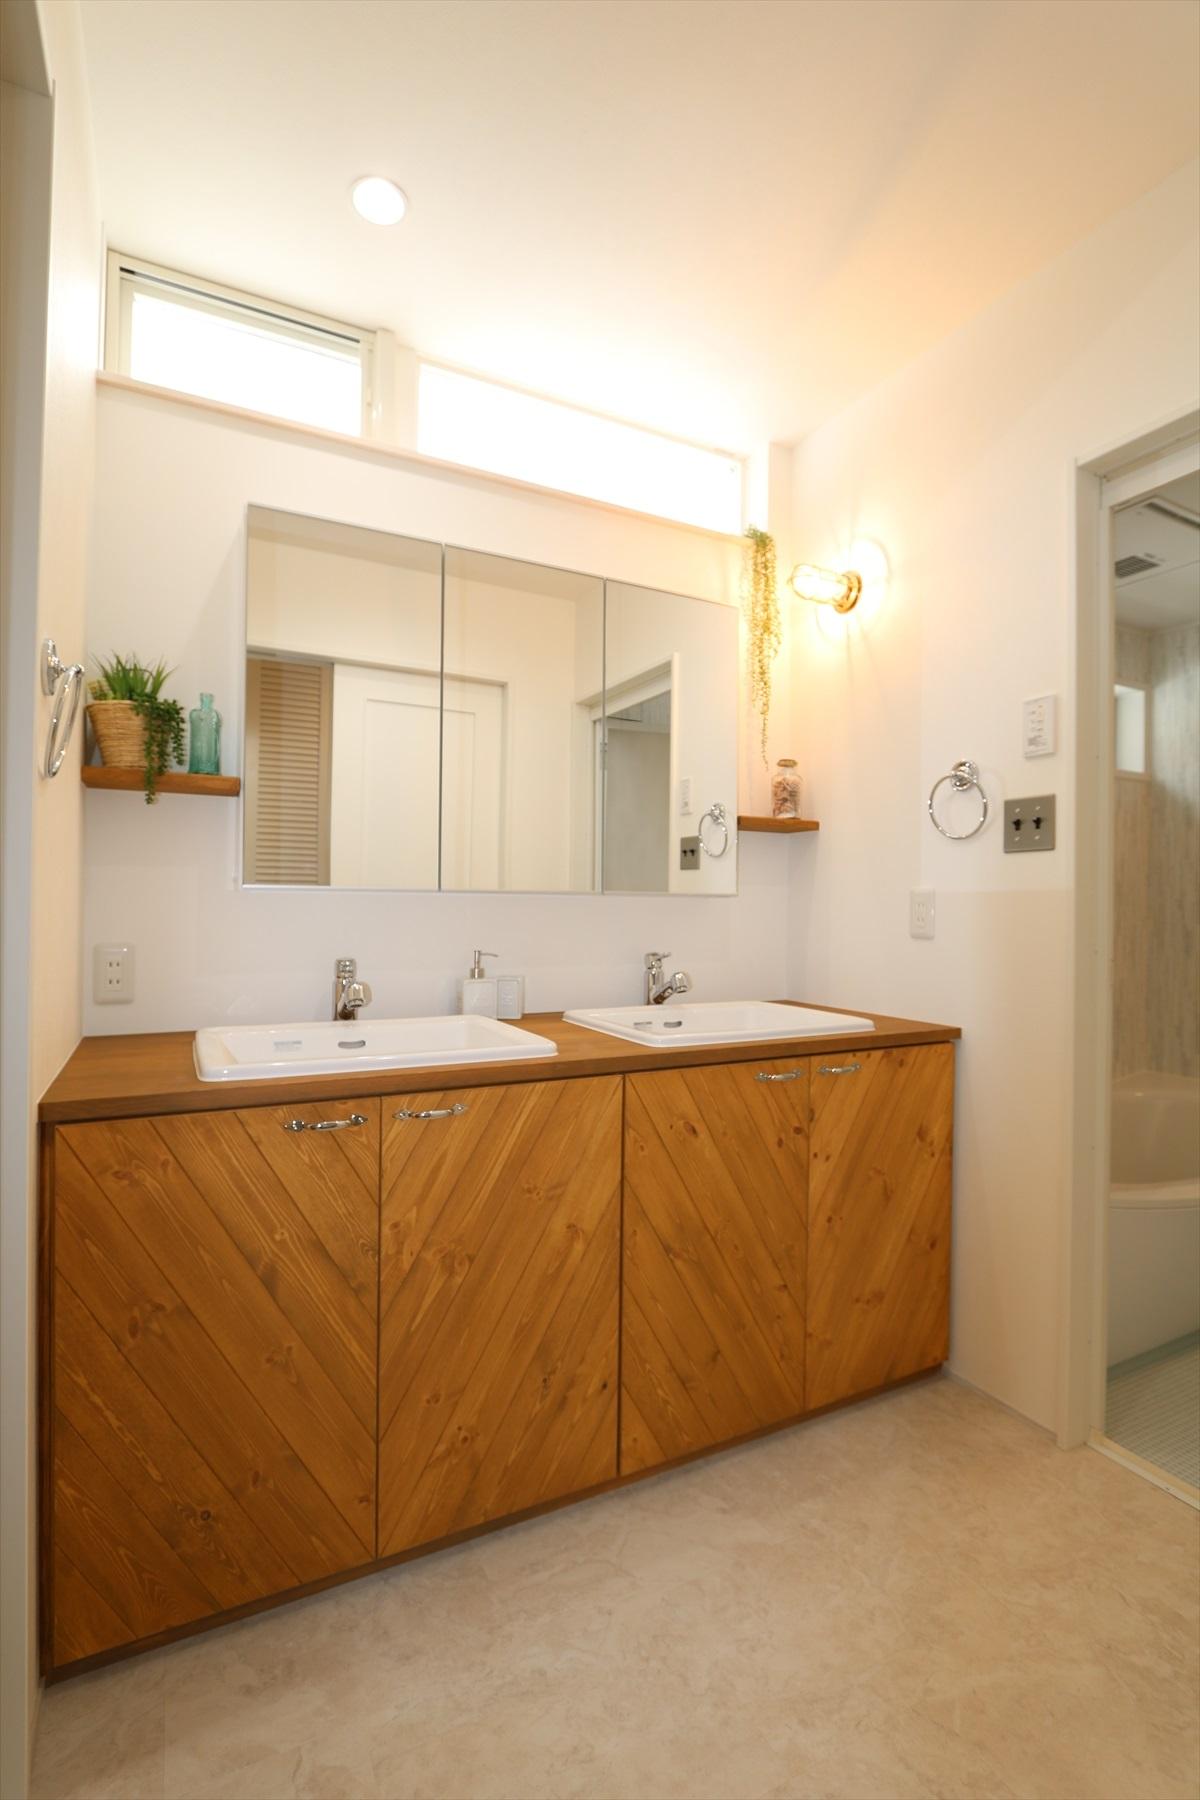 SURFER'S HOUSE|石川県金沢市の注文住宅・デザイン性・新築の家・戸建て|E-HOUSE